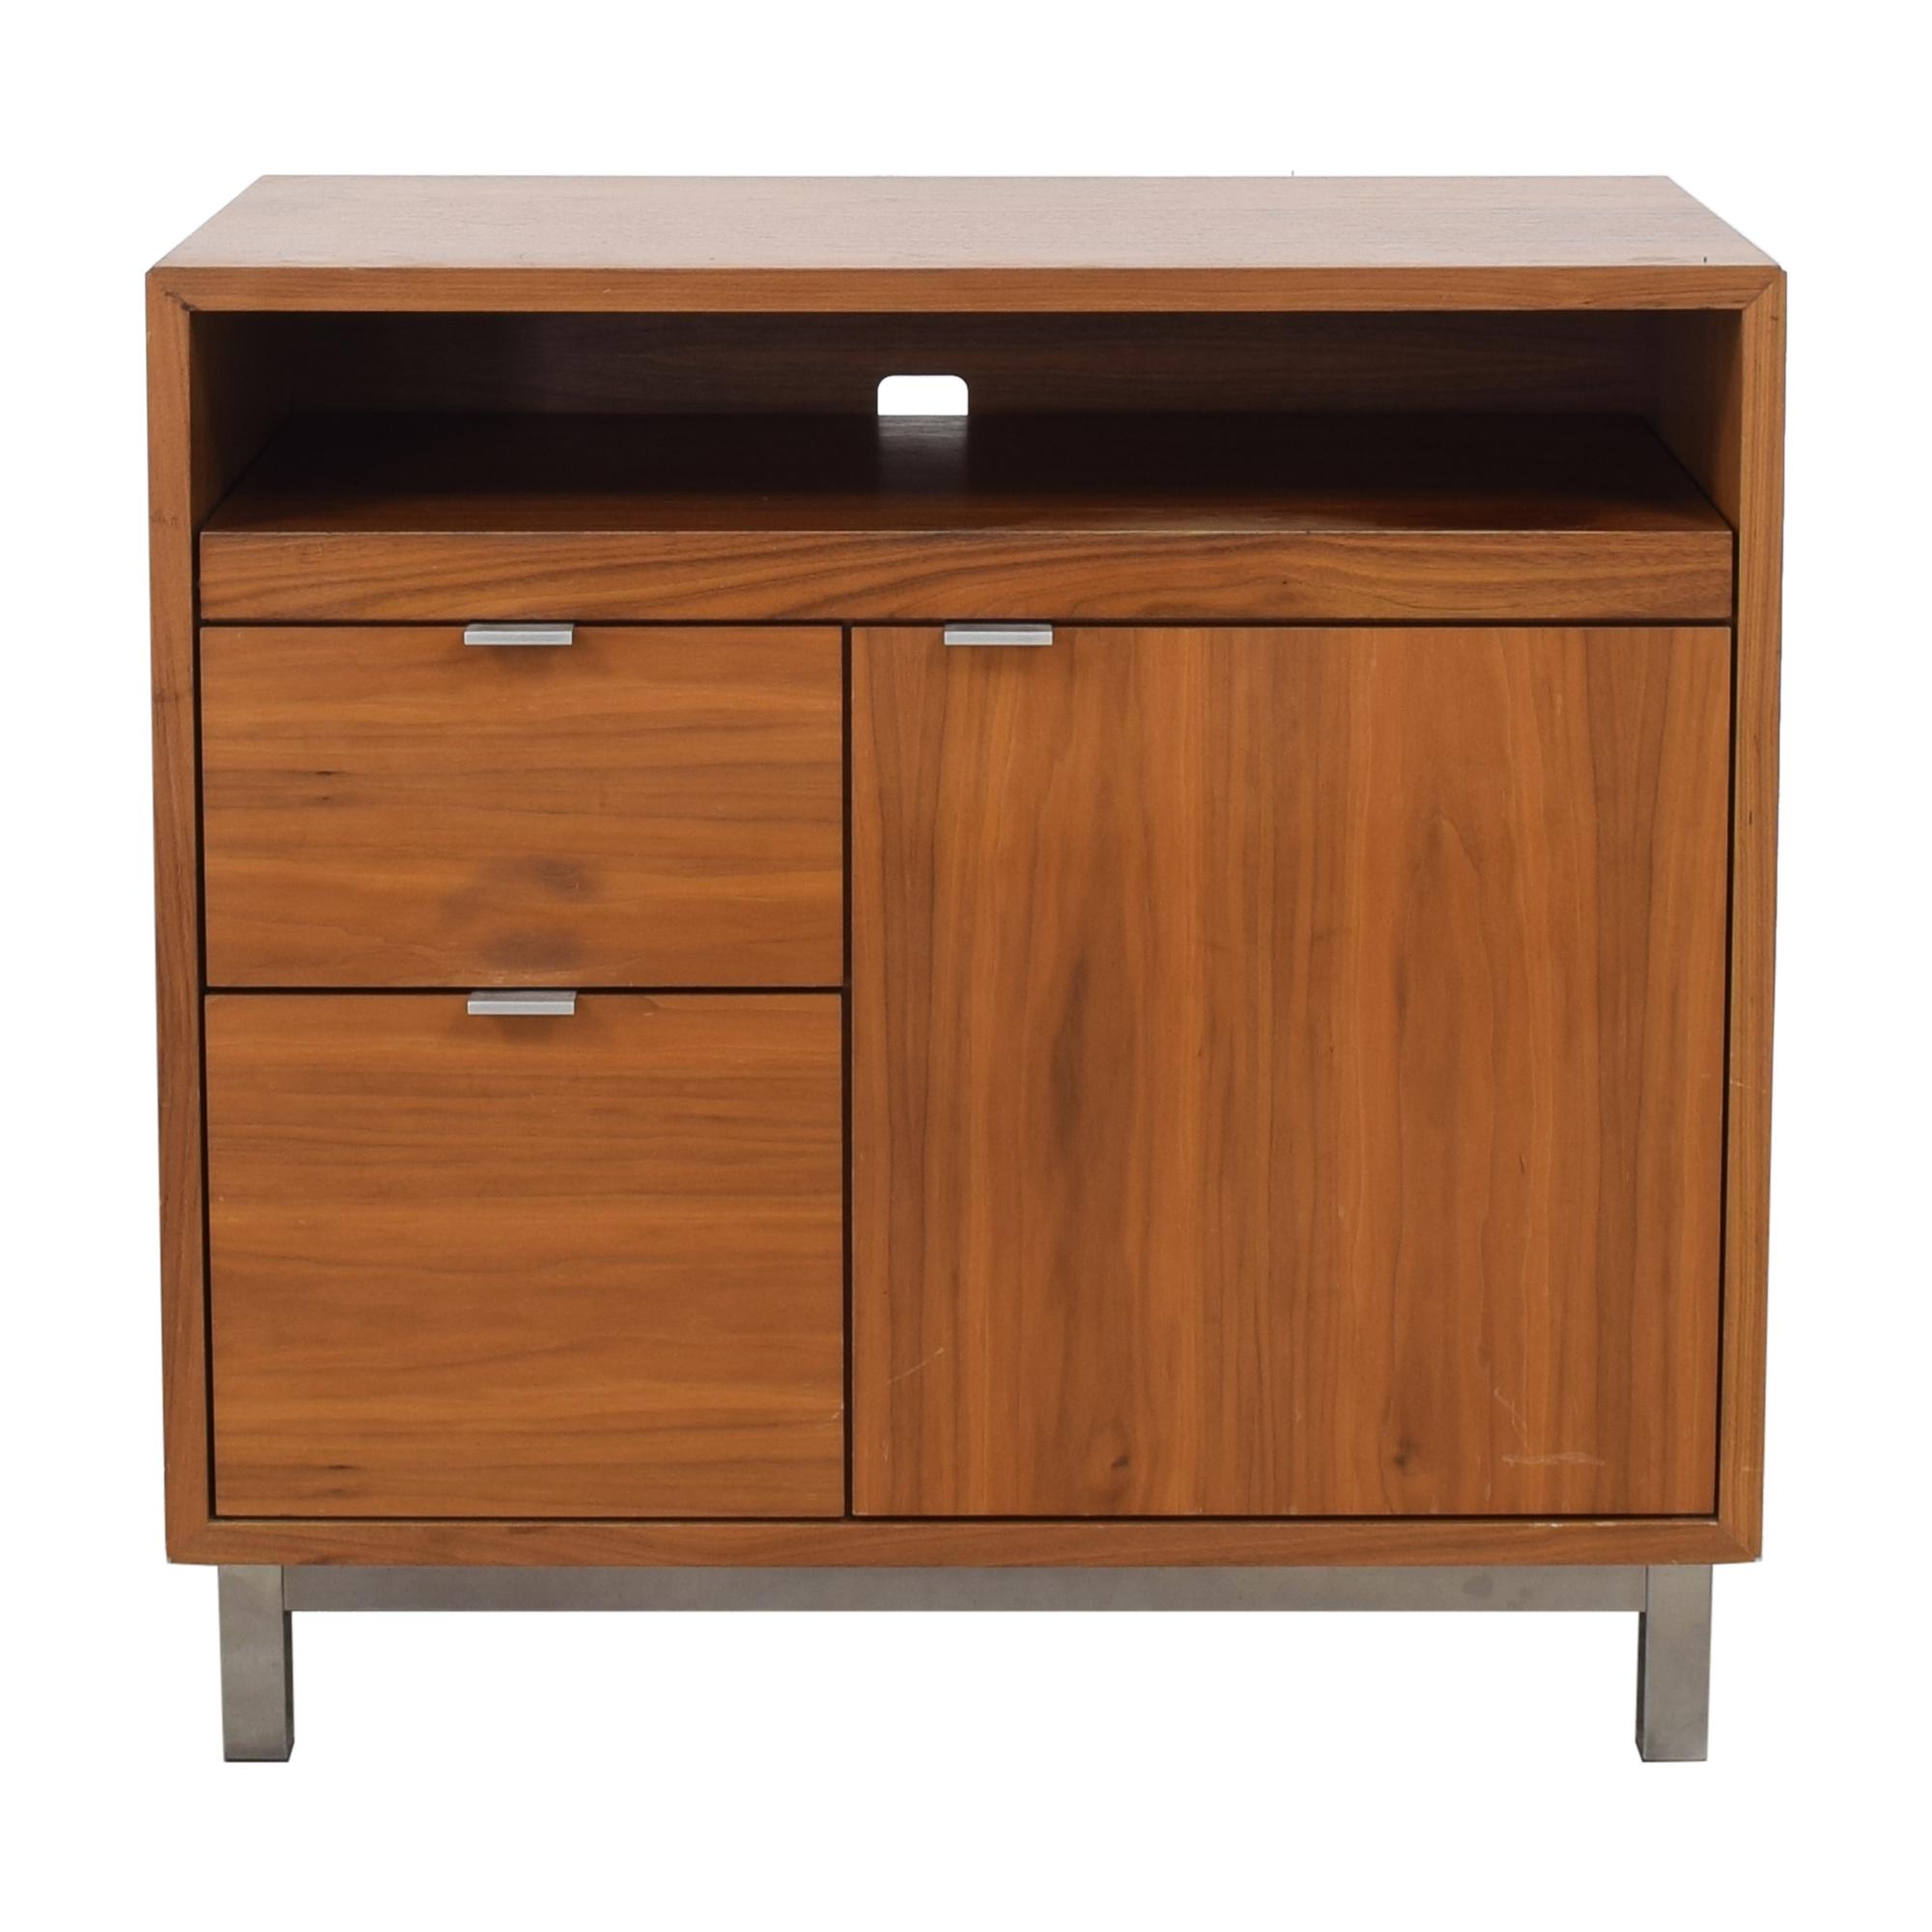 shop Room & Board Room & Board Copenhagen Office Cabinet online